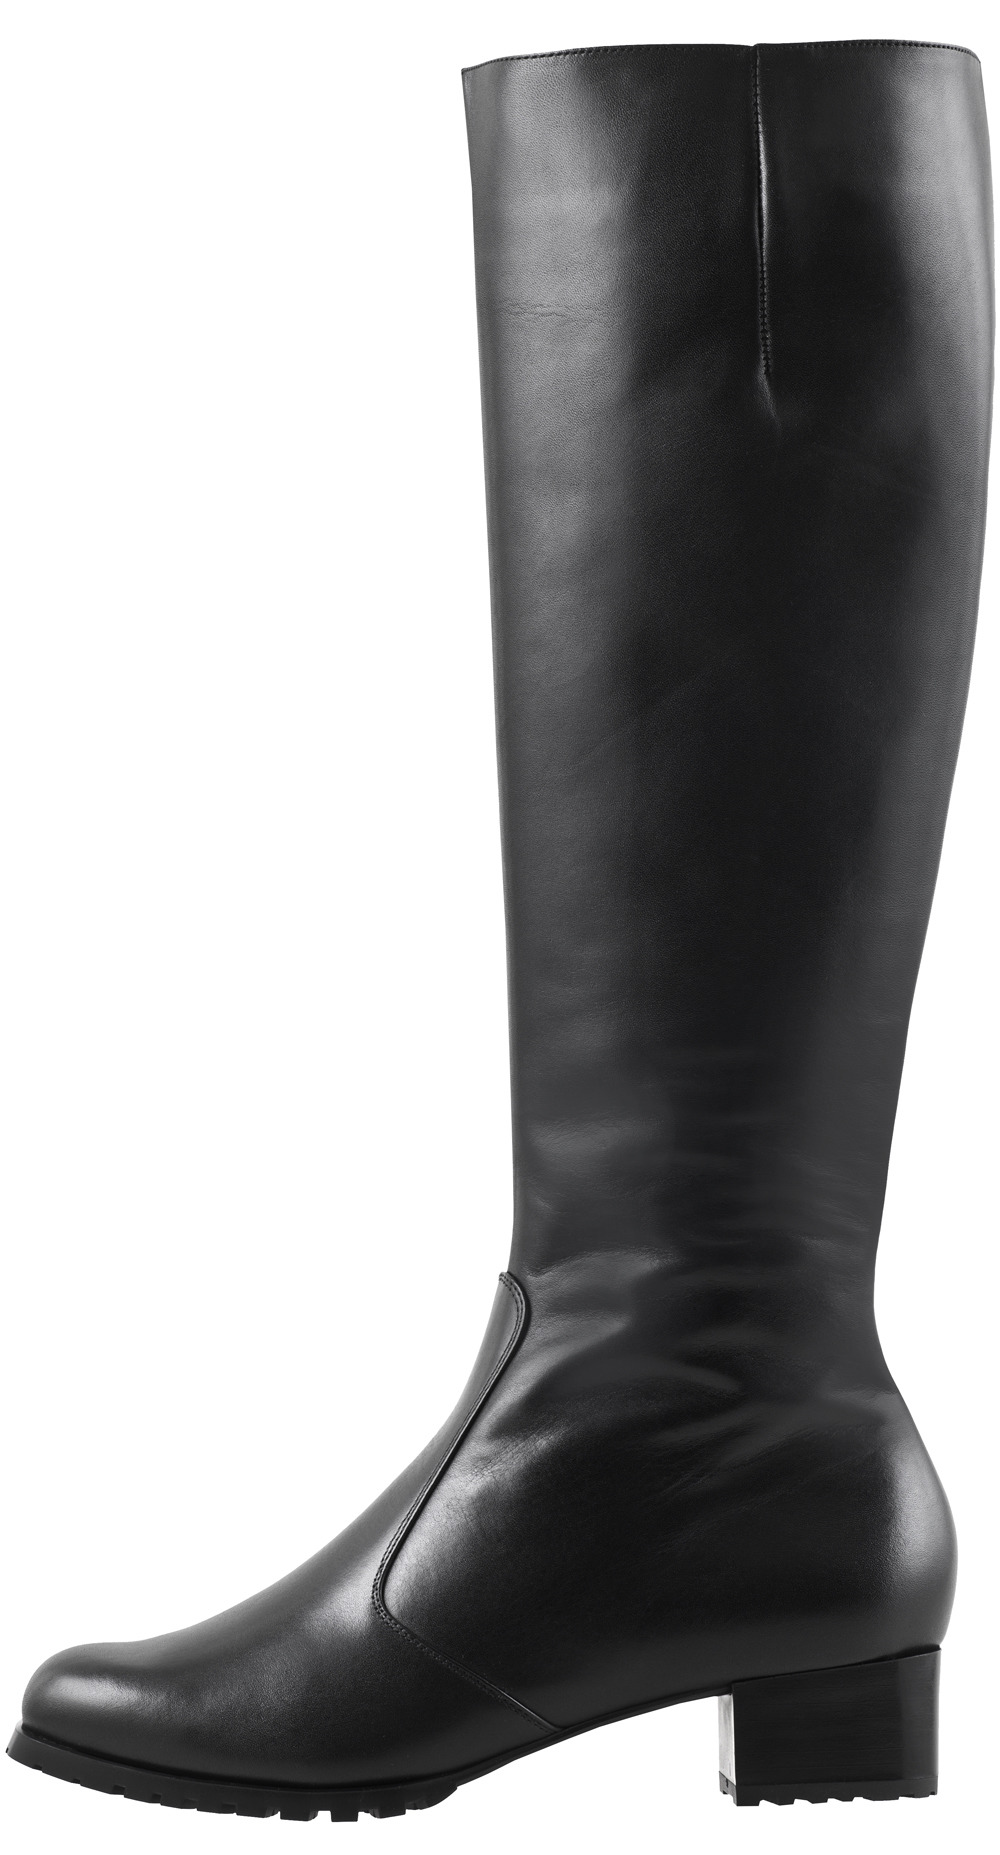 53da7dd75c Soňa - Dámska obuv - Čižmy - Čierne kožené zateplené čižmy Högl